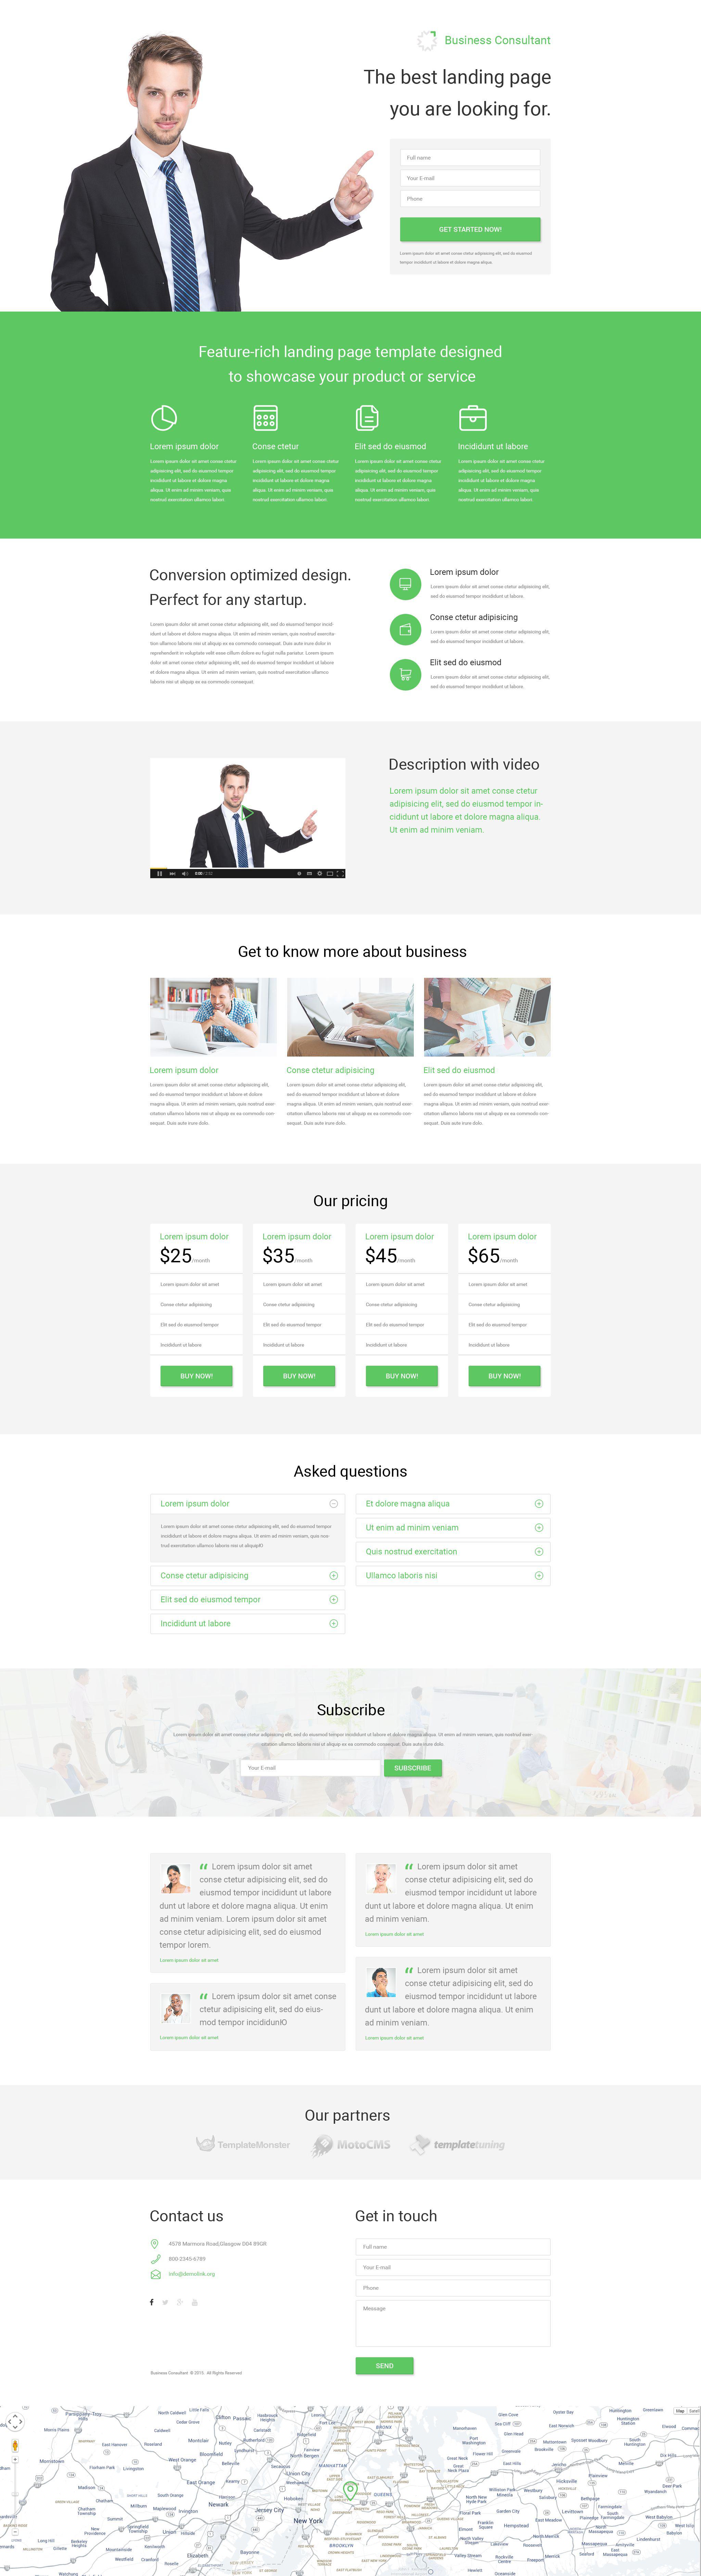 Templates de Landing Page Flexível para Sites de Negócios e Prestadores de Serviços №53788 - captura de tela